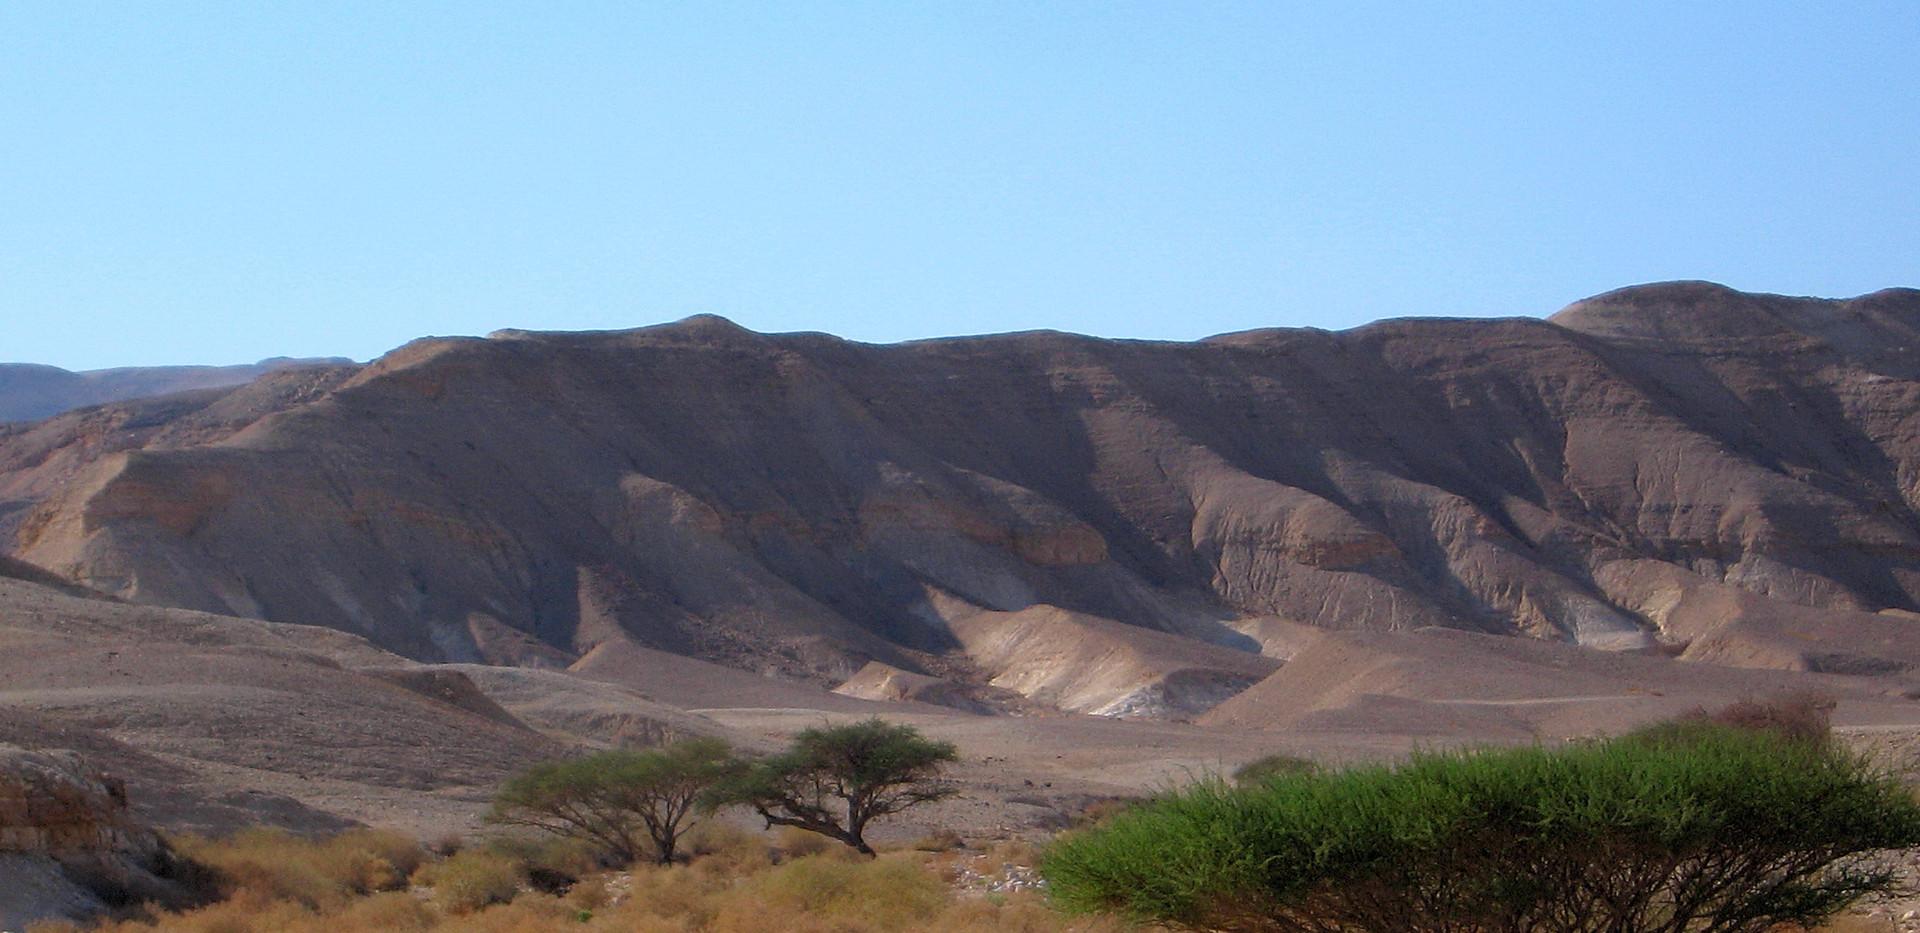 069 Dead Sea.JPG